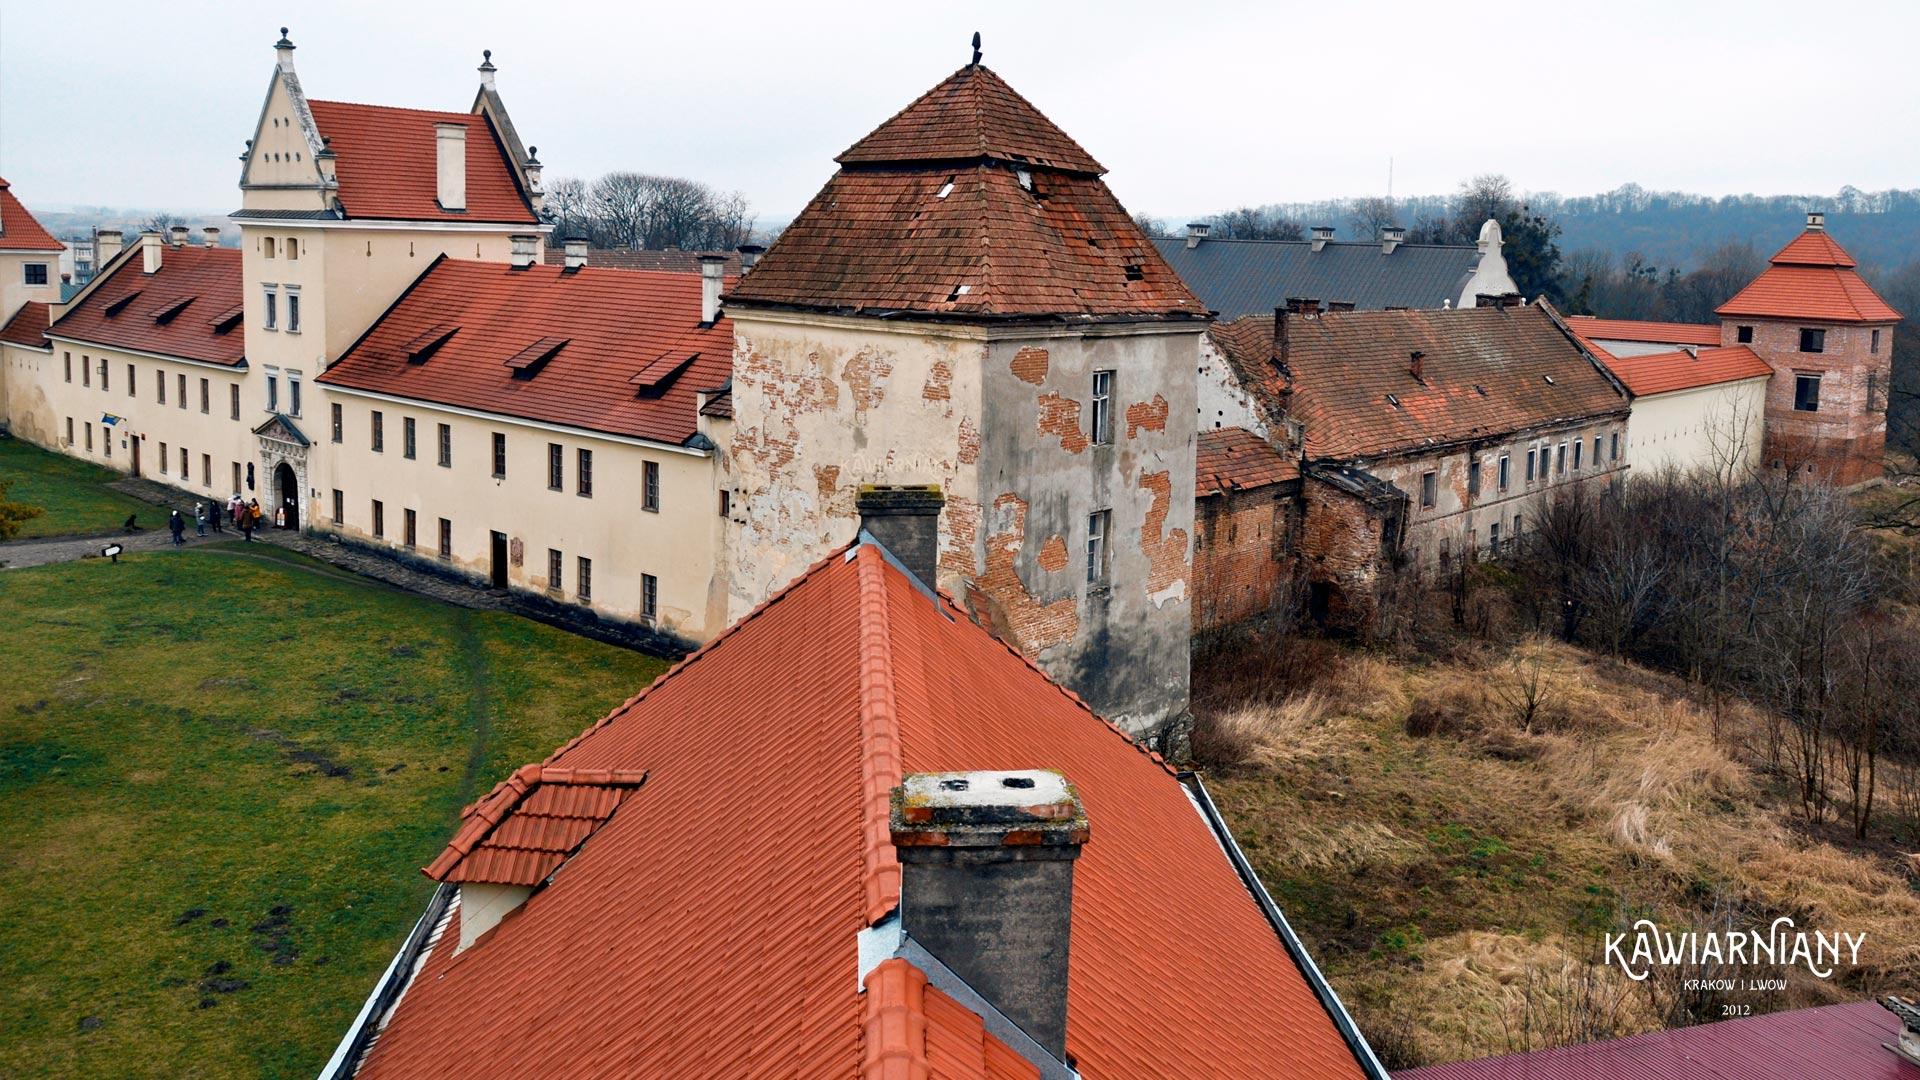 Zamek w Żółkwi – historia, cennik, zwiedzanie. Czy warto przyjechać?